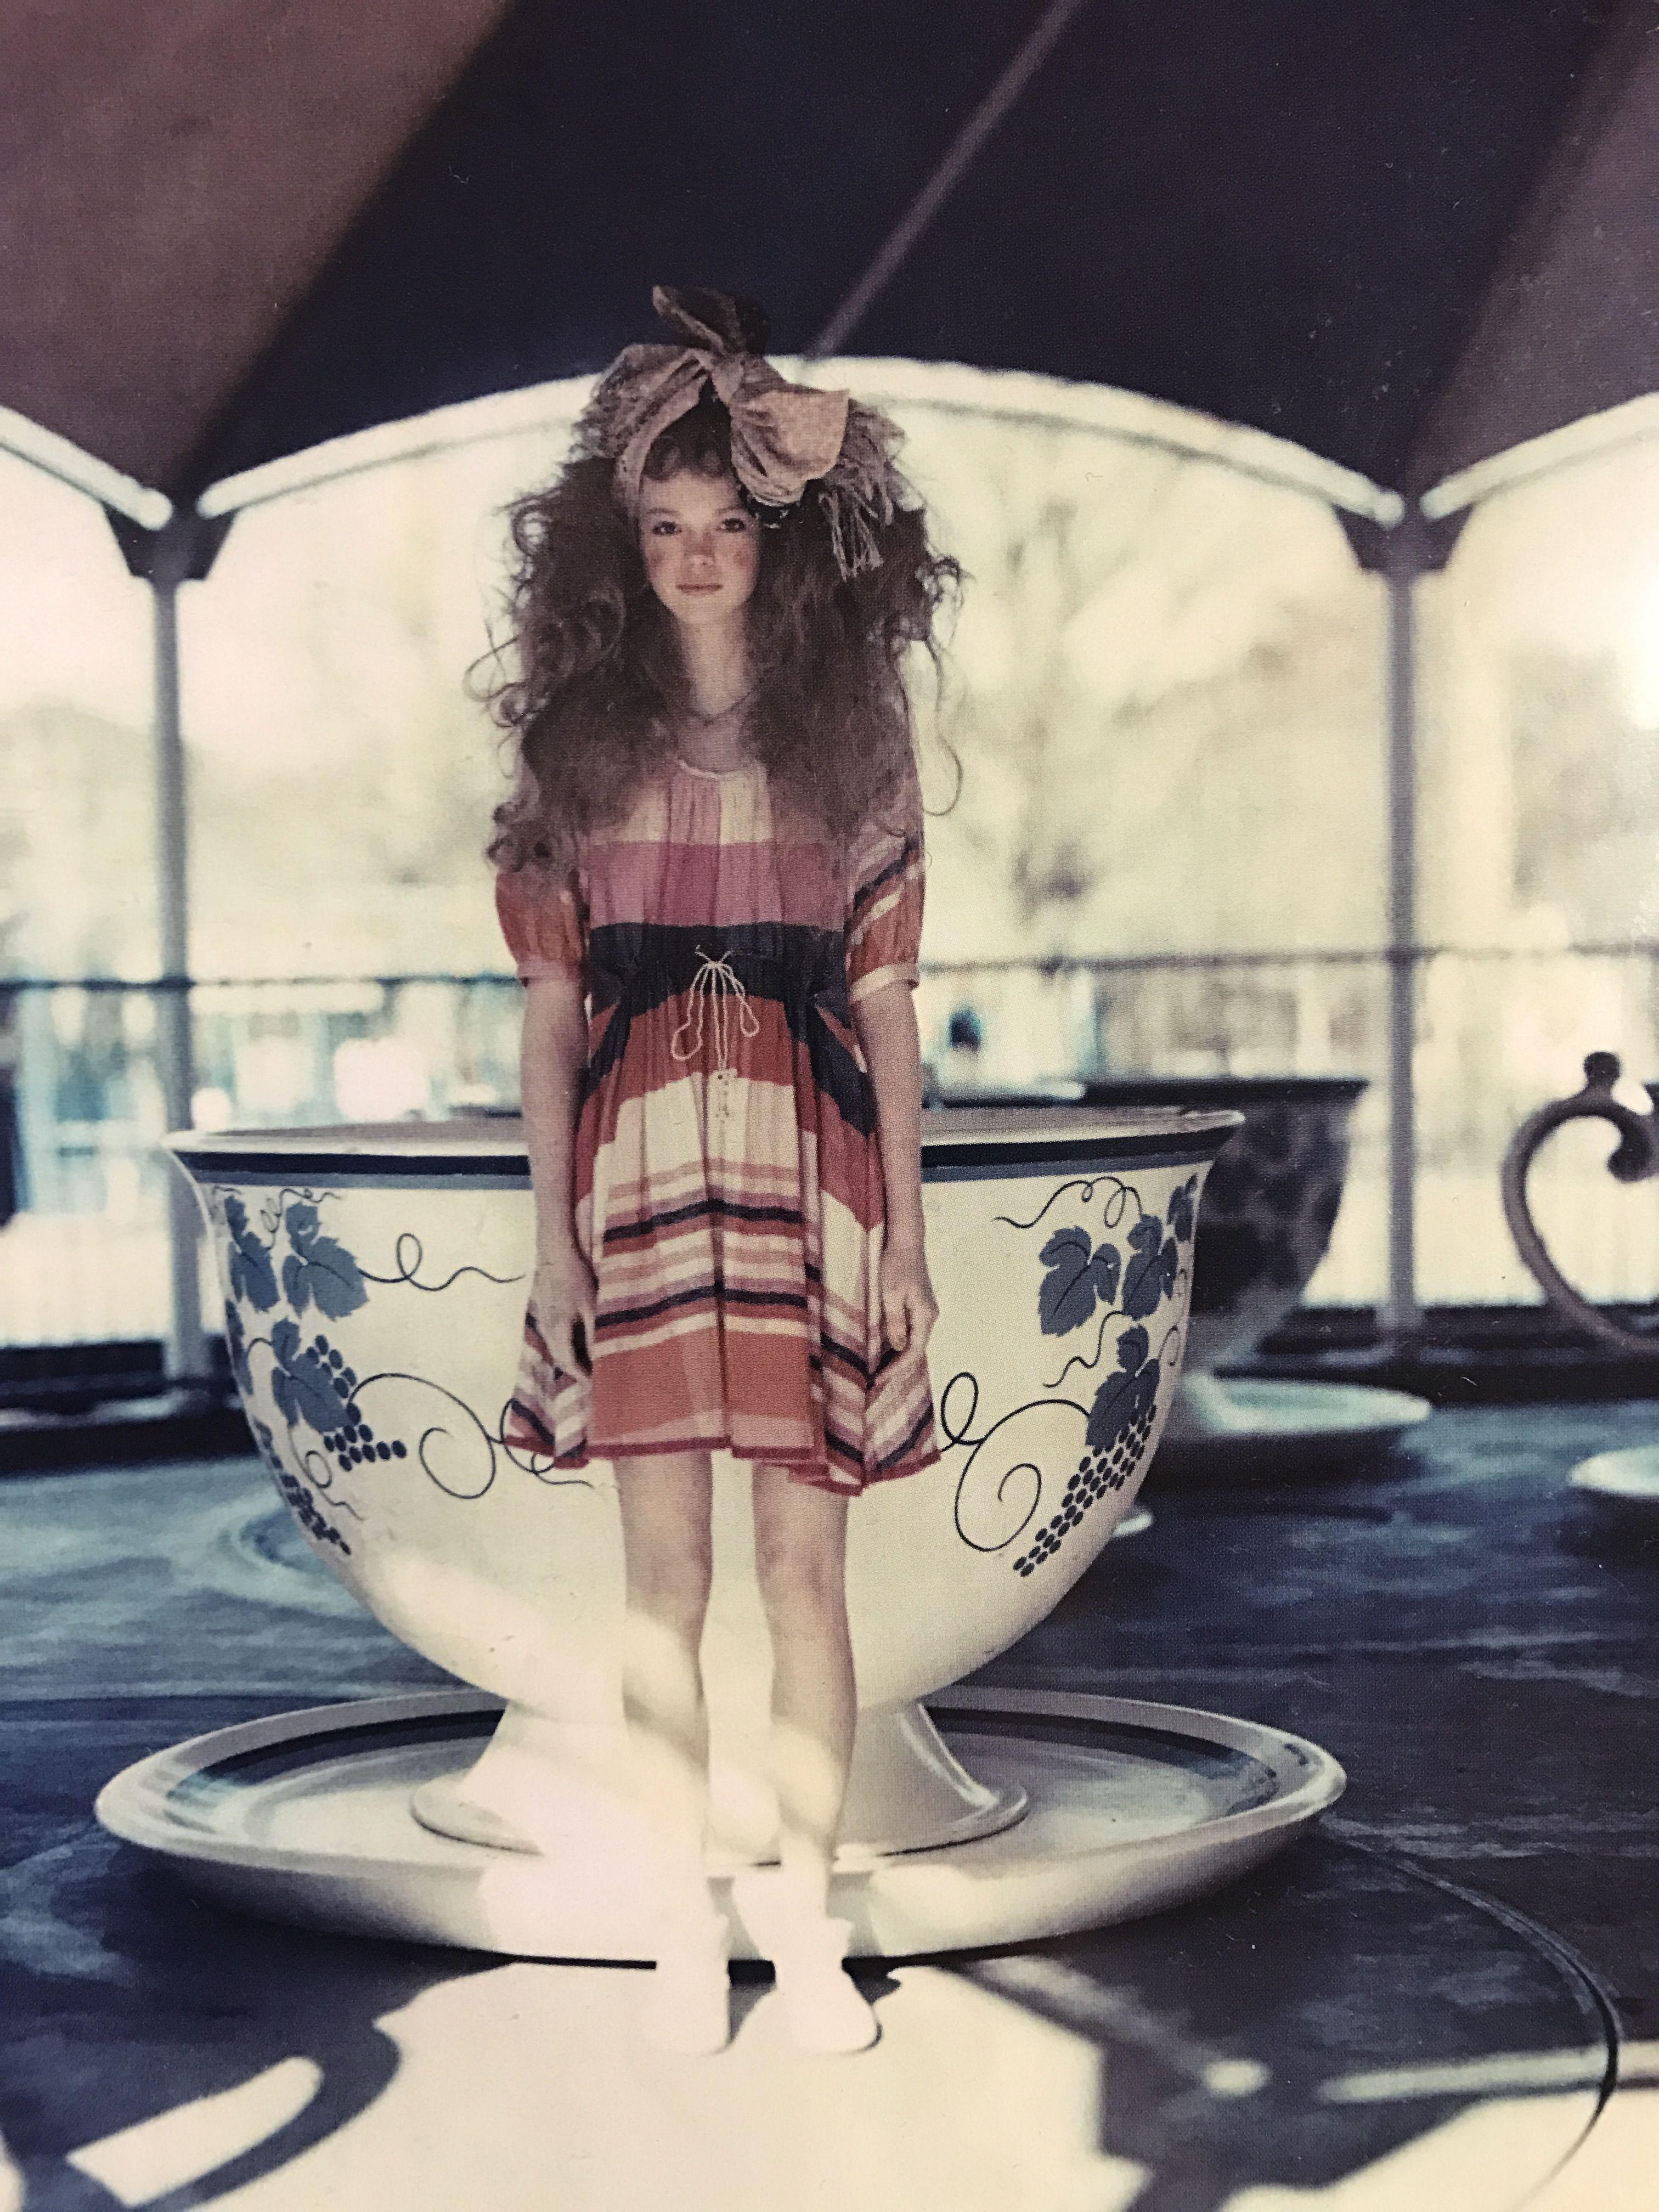 #fashion#japan#japanfashion#magazine# japanmagazine#women#hair#dress#